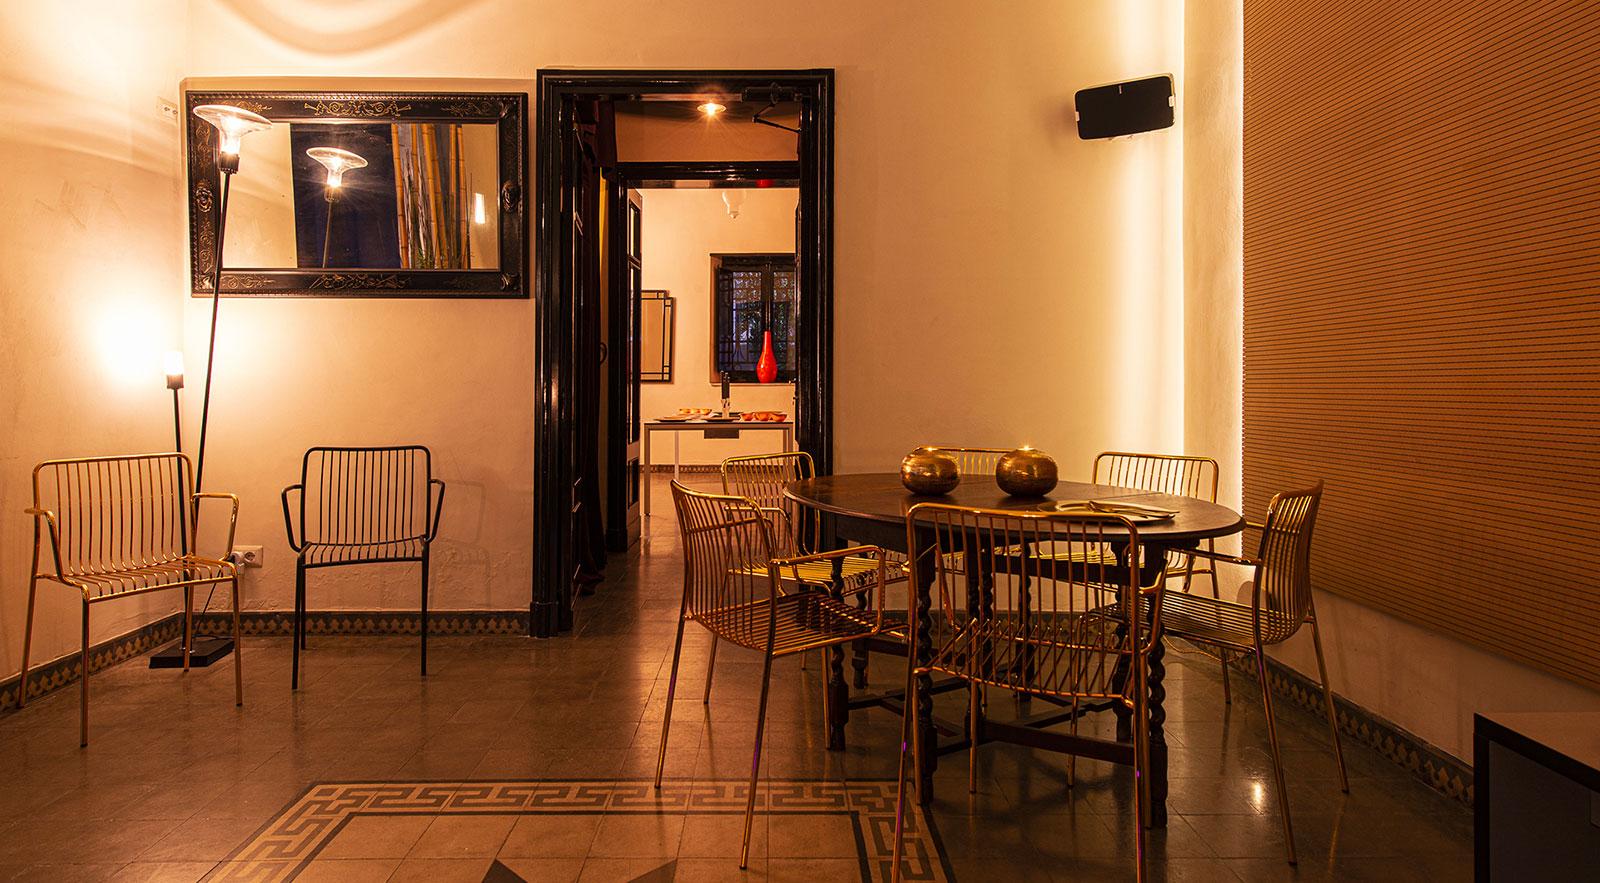 Esclusiva ed elegante location al centro di Catania per feste ed eventi